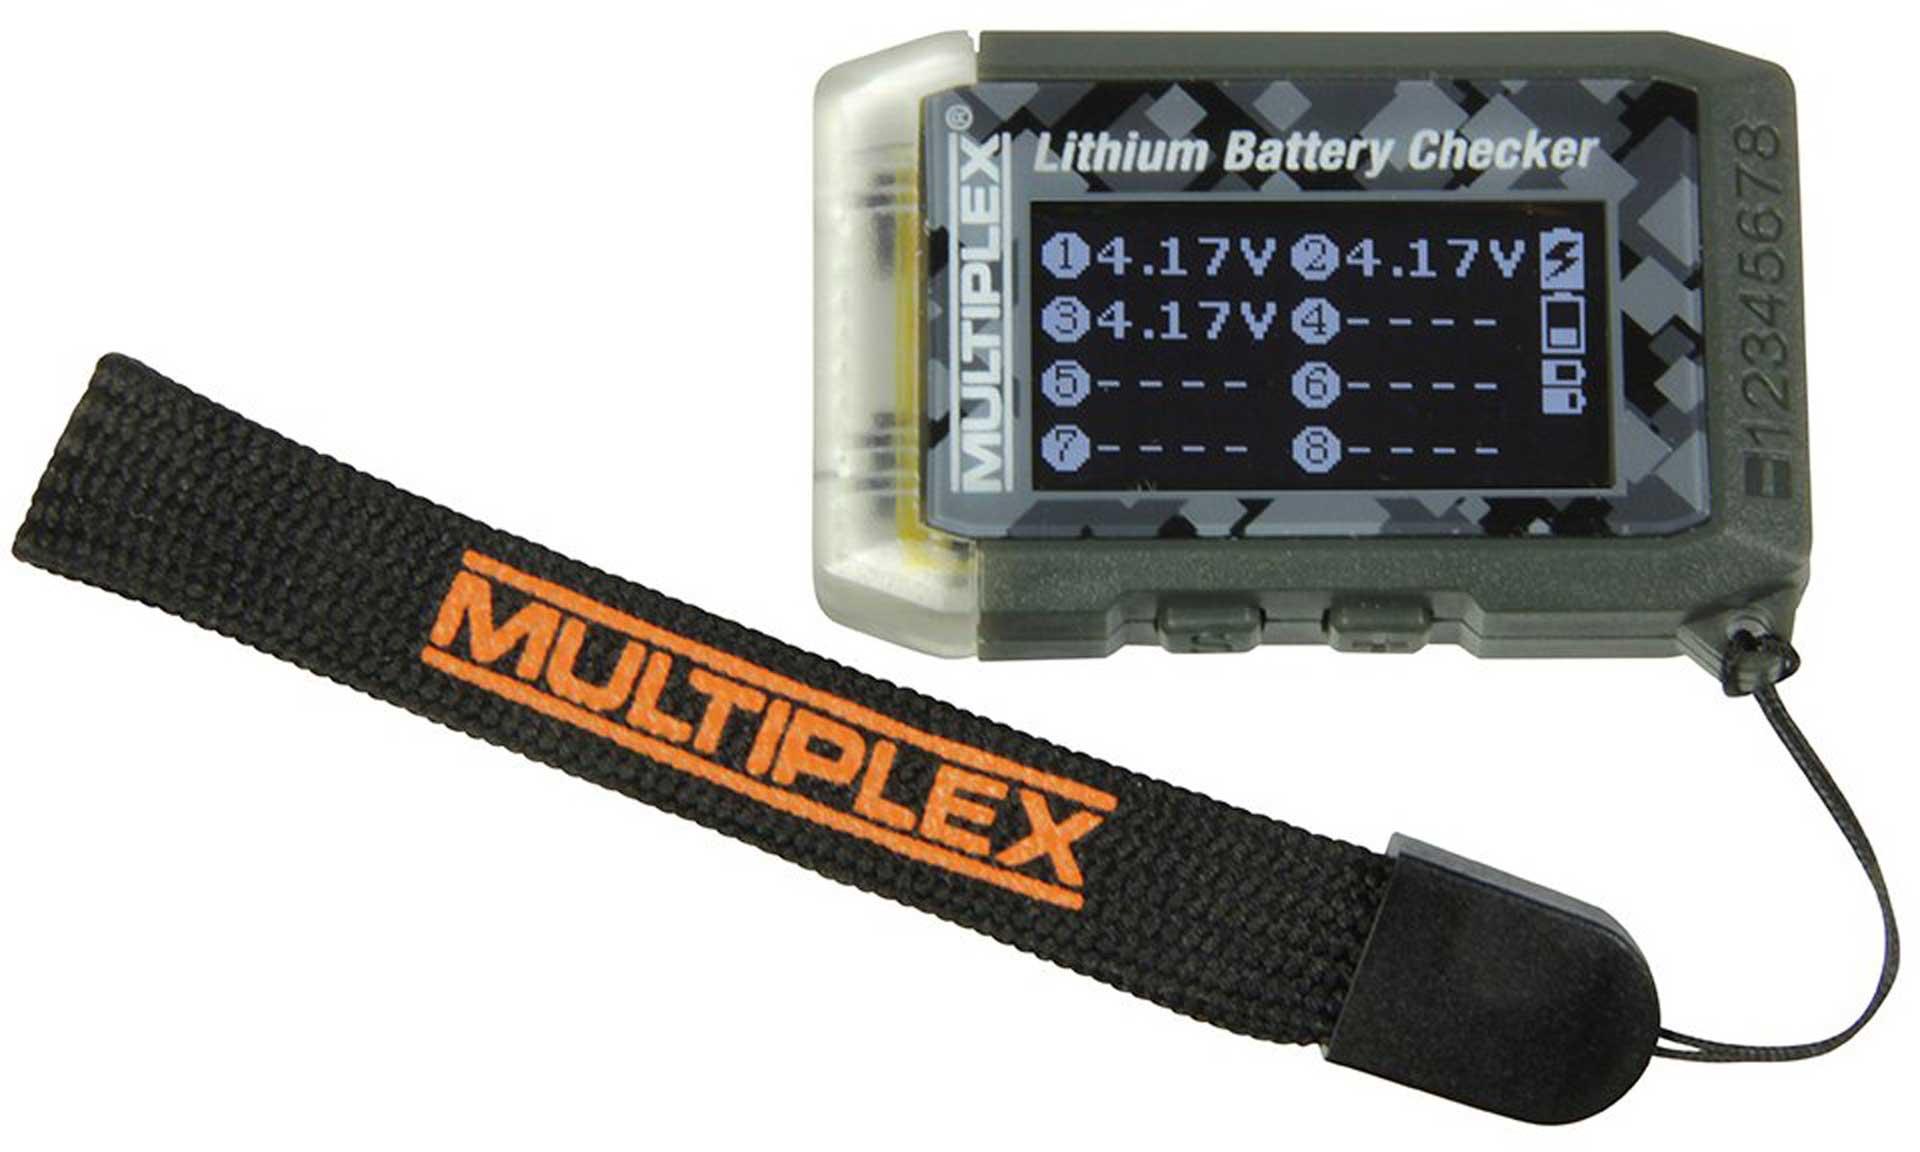 MULTIPLEX LITHIUM BATTERY CHECKER & MODELLFINDER